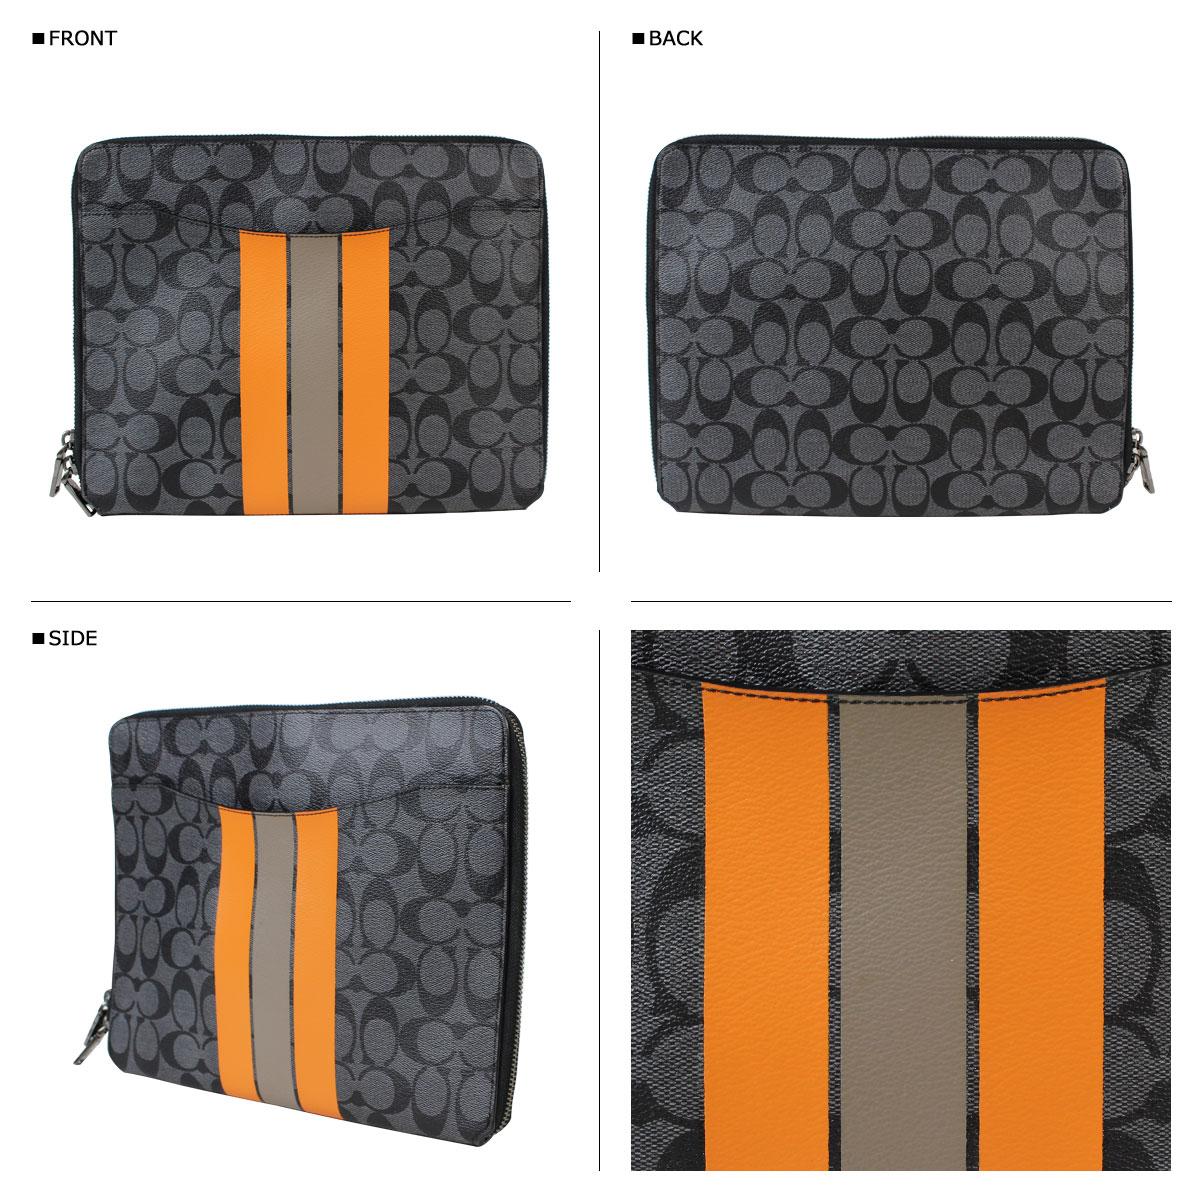 蔻蔻驰男离合器 Tablet PC 案例 F66311 木炭 / 橙色 [回来的股票 10/4]